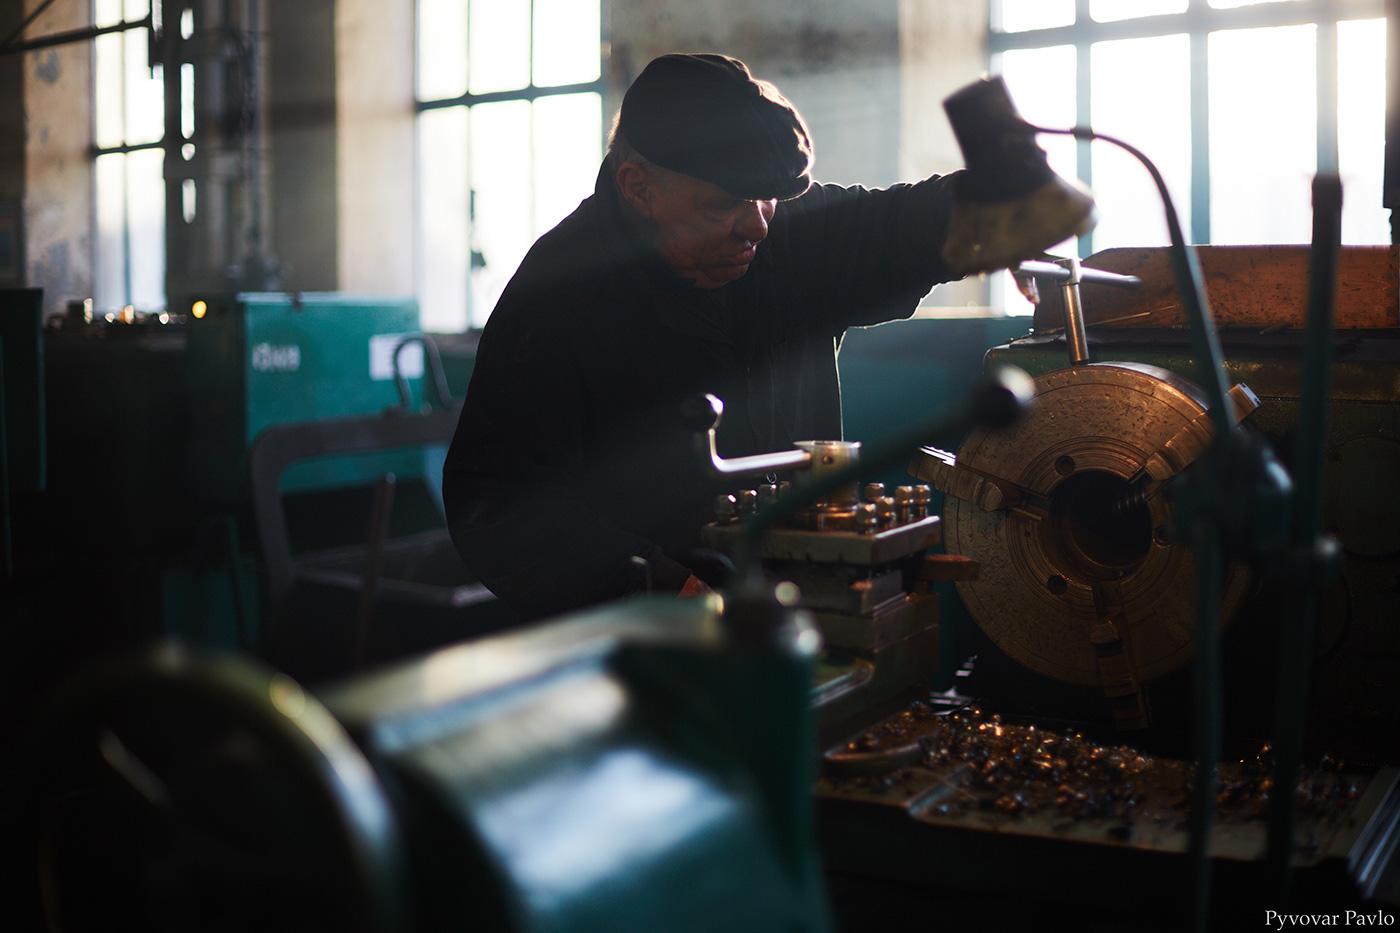 Замовлення на 100 мільйонів отримав Локомотиворемонтний завод - бракує працівників (ФОТО)